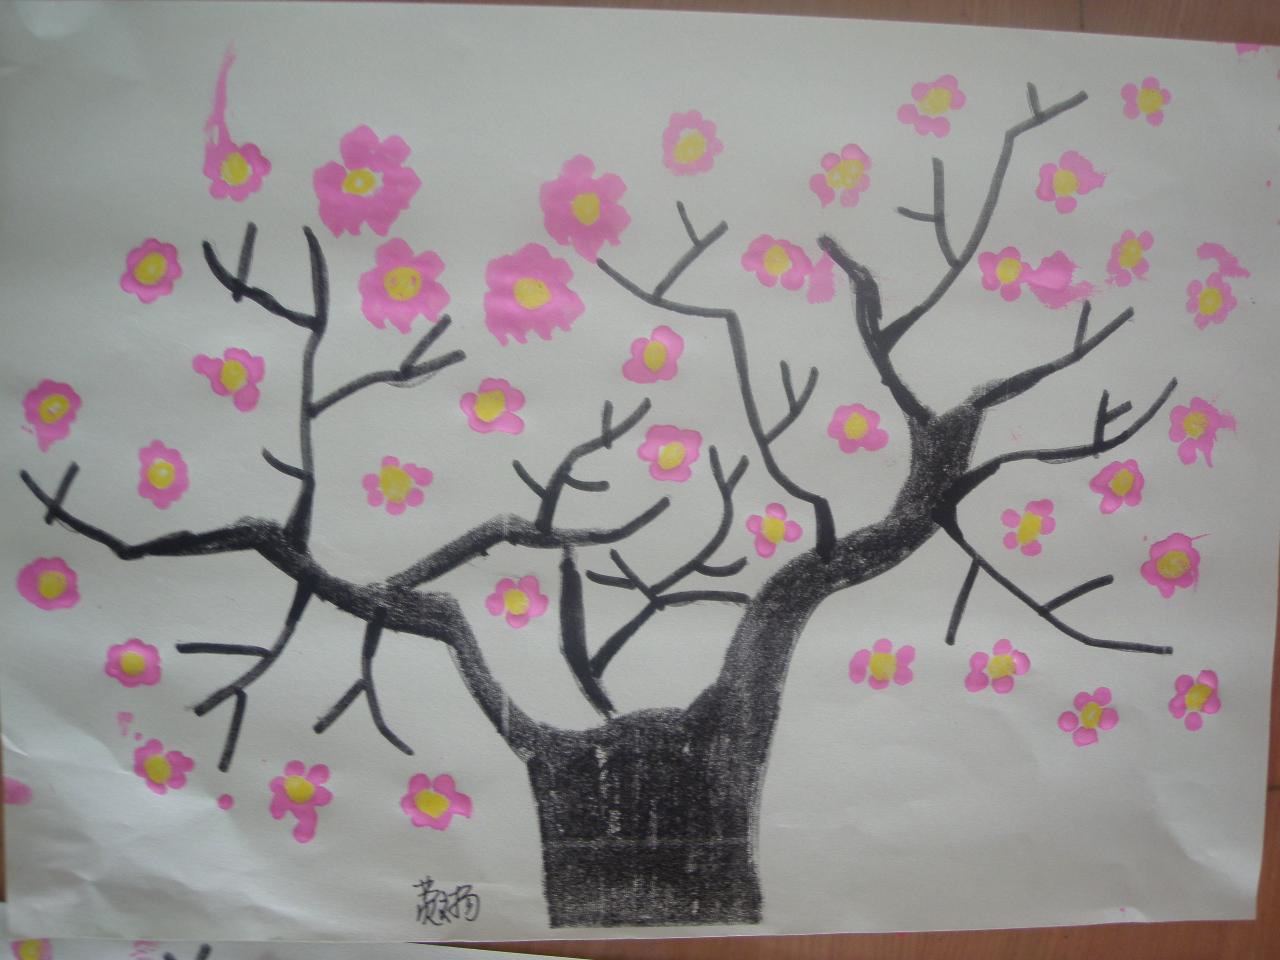 皱纹纸花制作图片展示_皱纹纸花制作相关图片下载